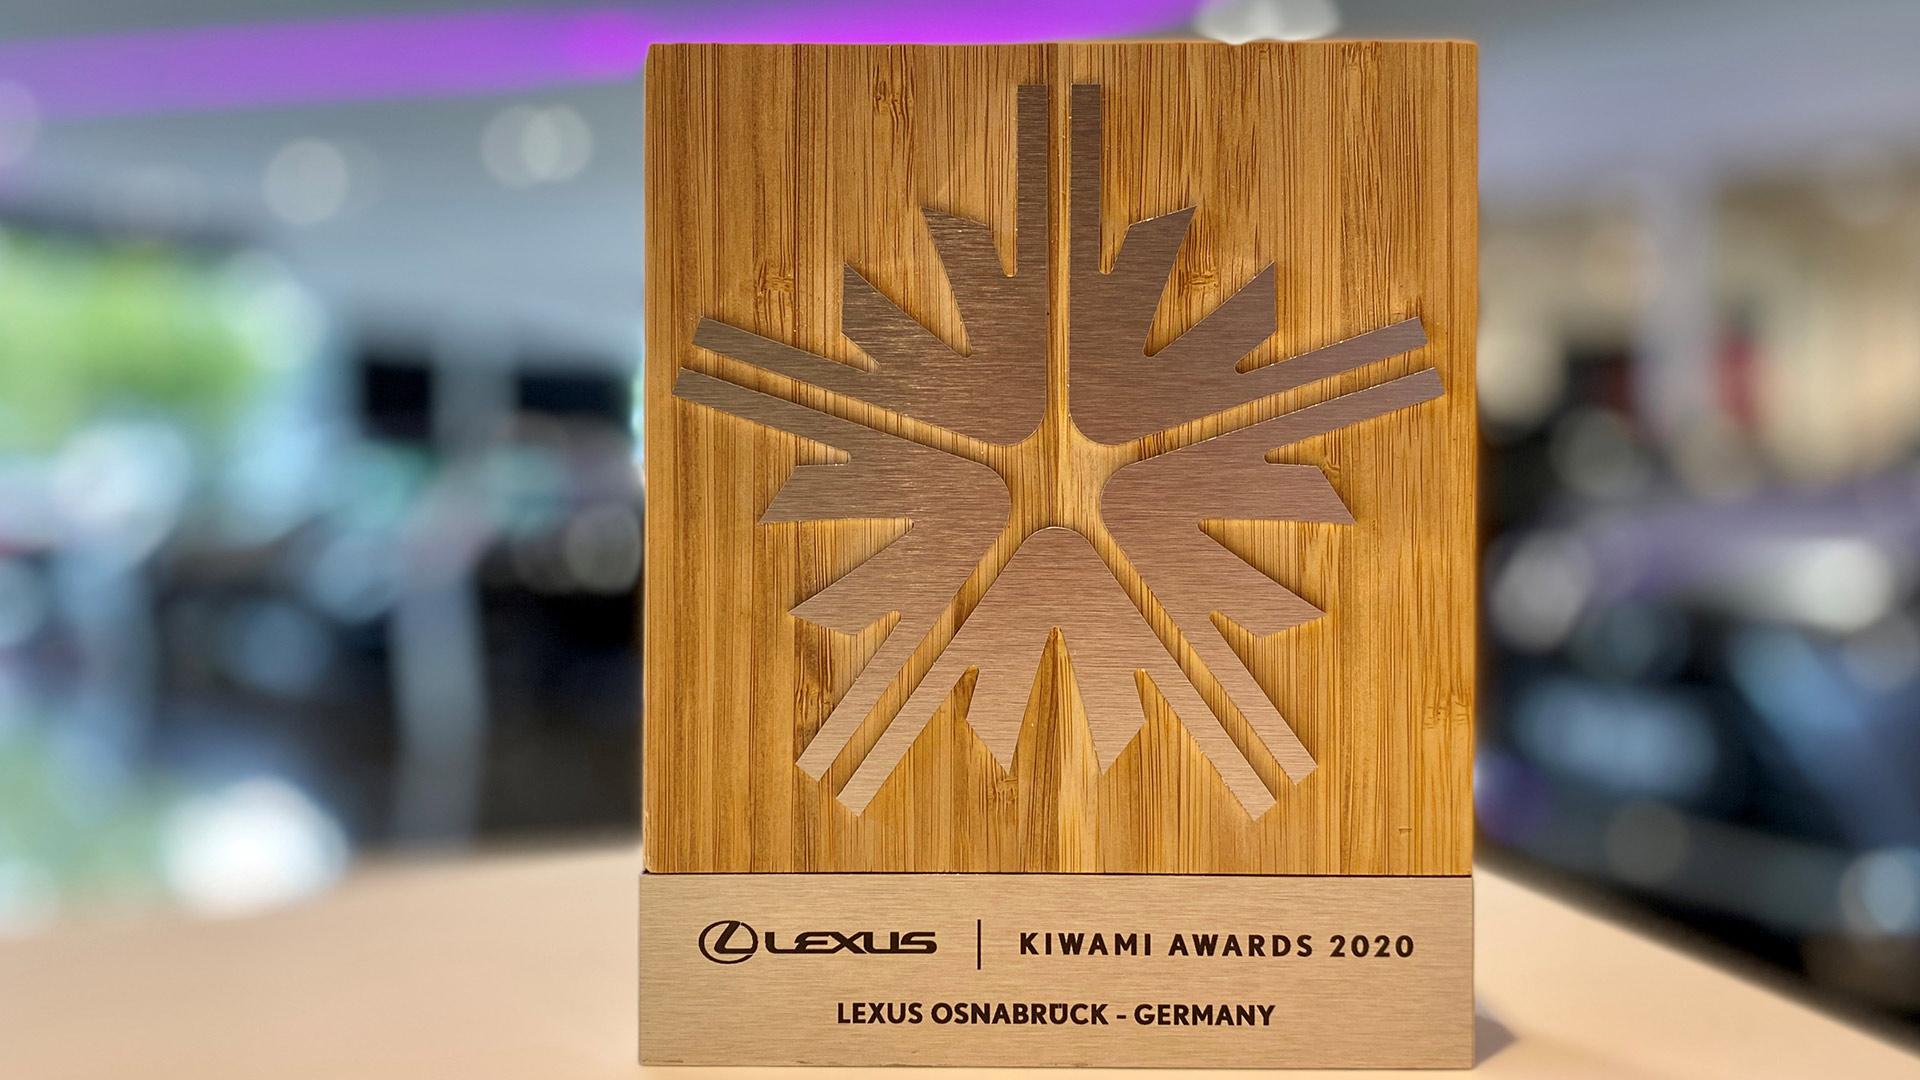 Lexus Kiwami Award